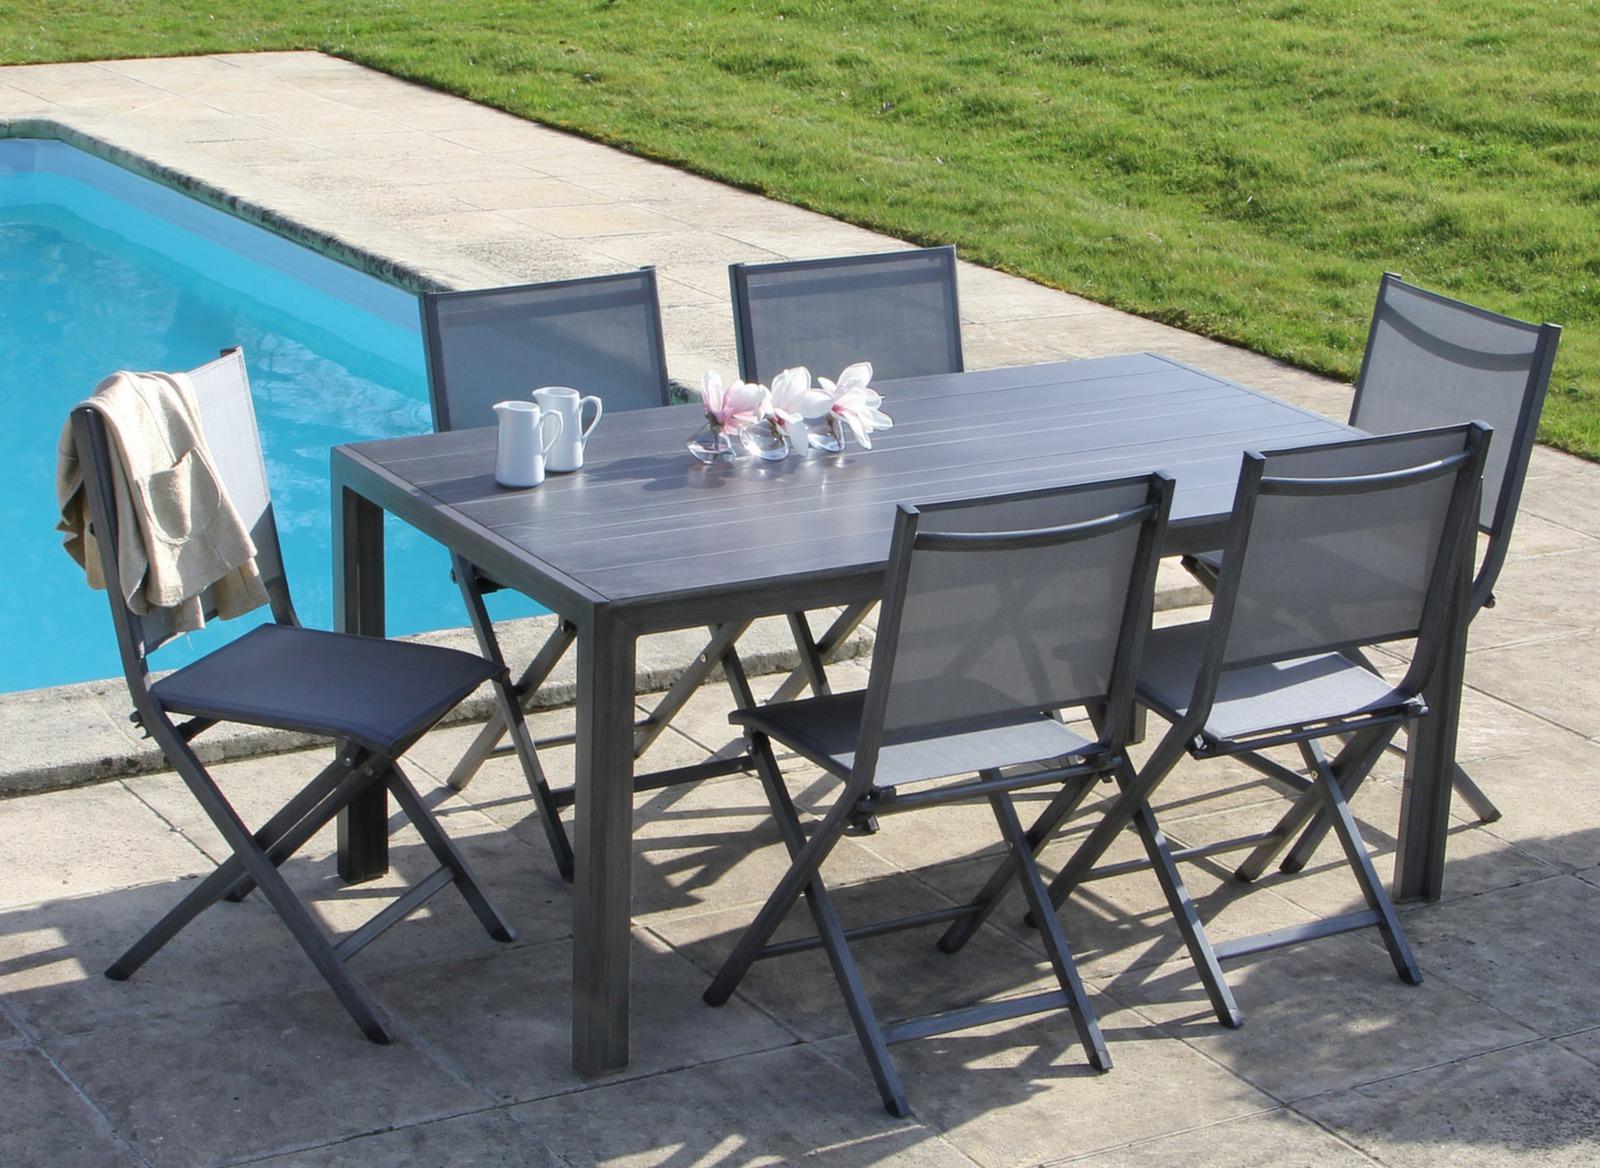 Table MT 160 cm - Tables fixes - Meuble de jardin design Proloisirs ...